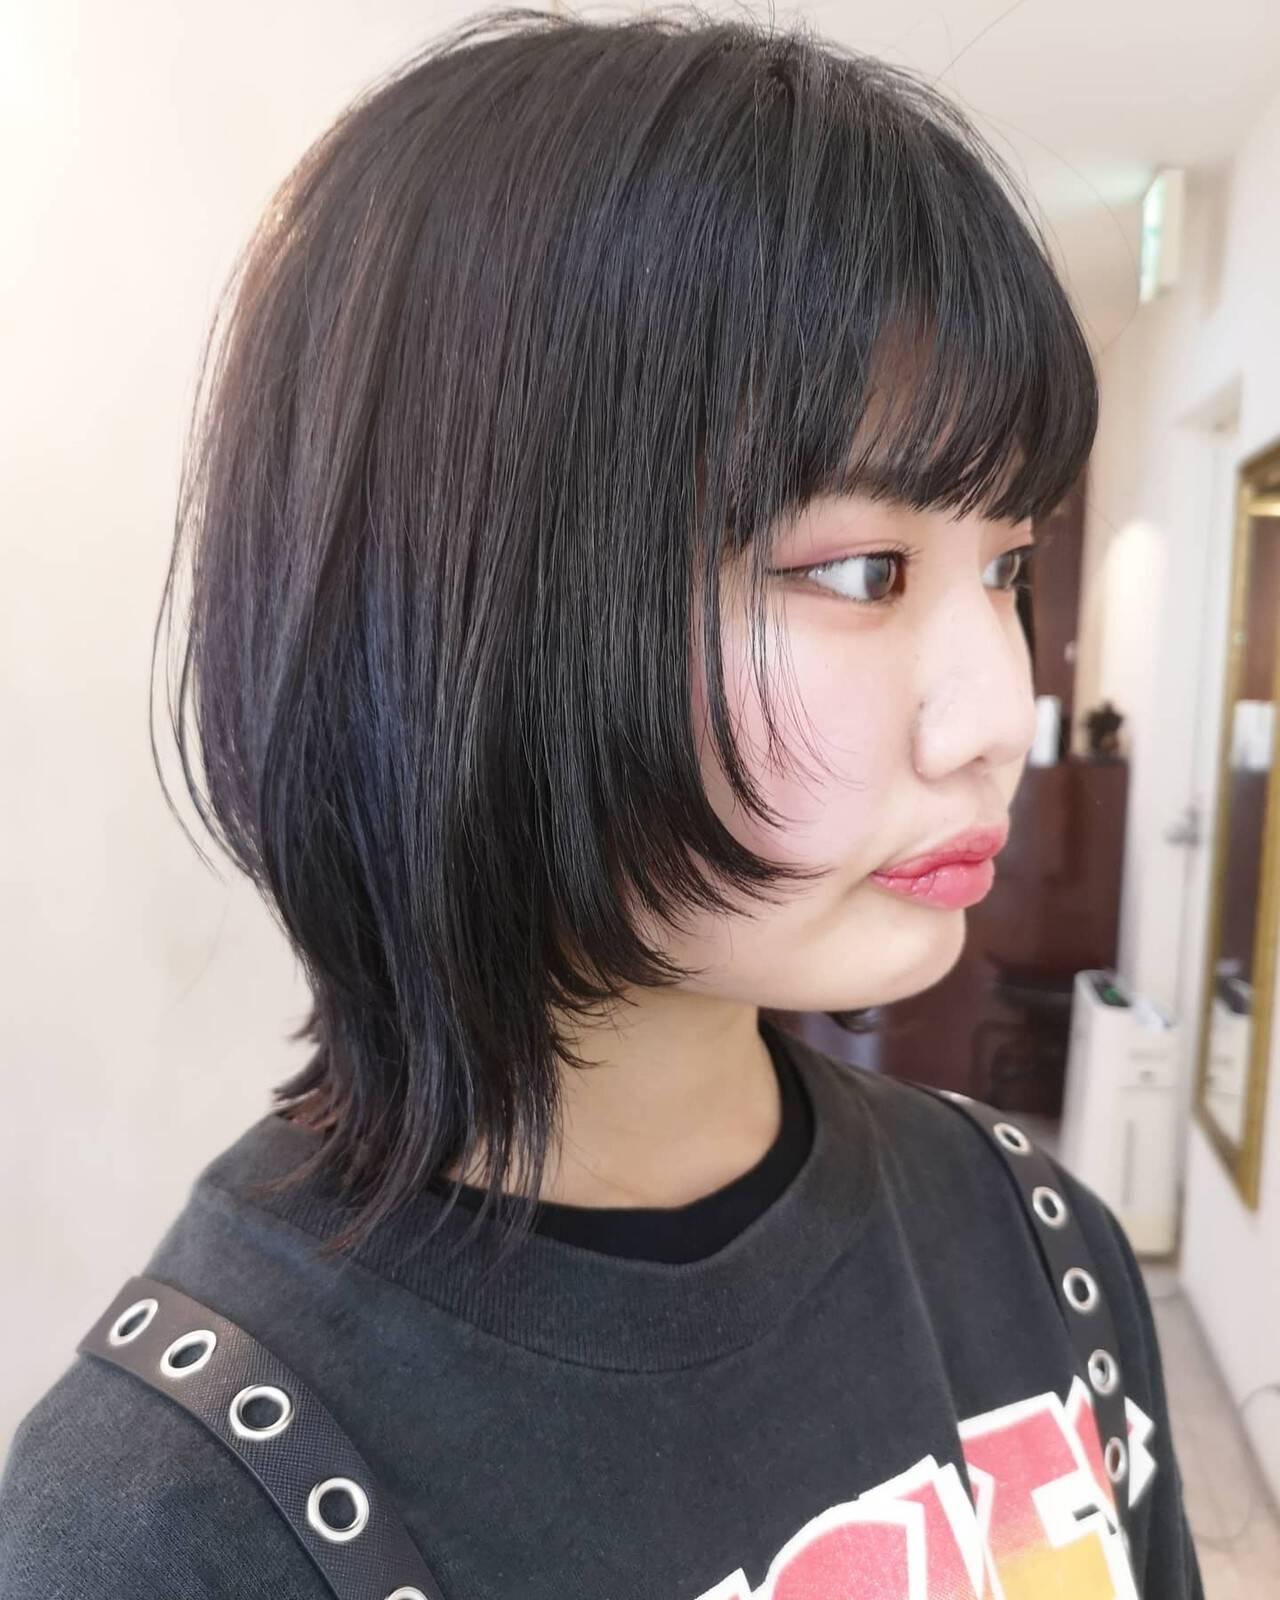 ミディアム ウルフレイヤー ウルフ ウルフカットヘアスタイルや髪型の写真・画像